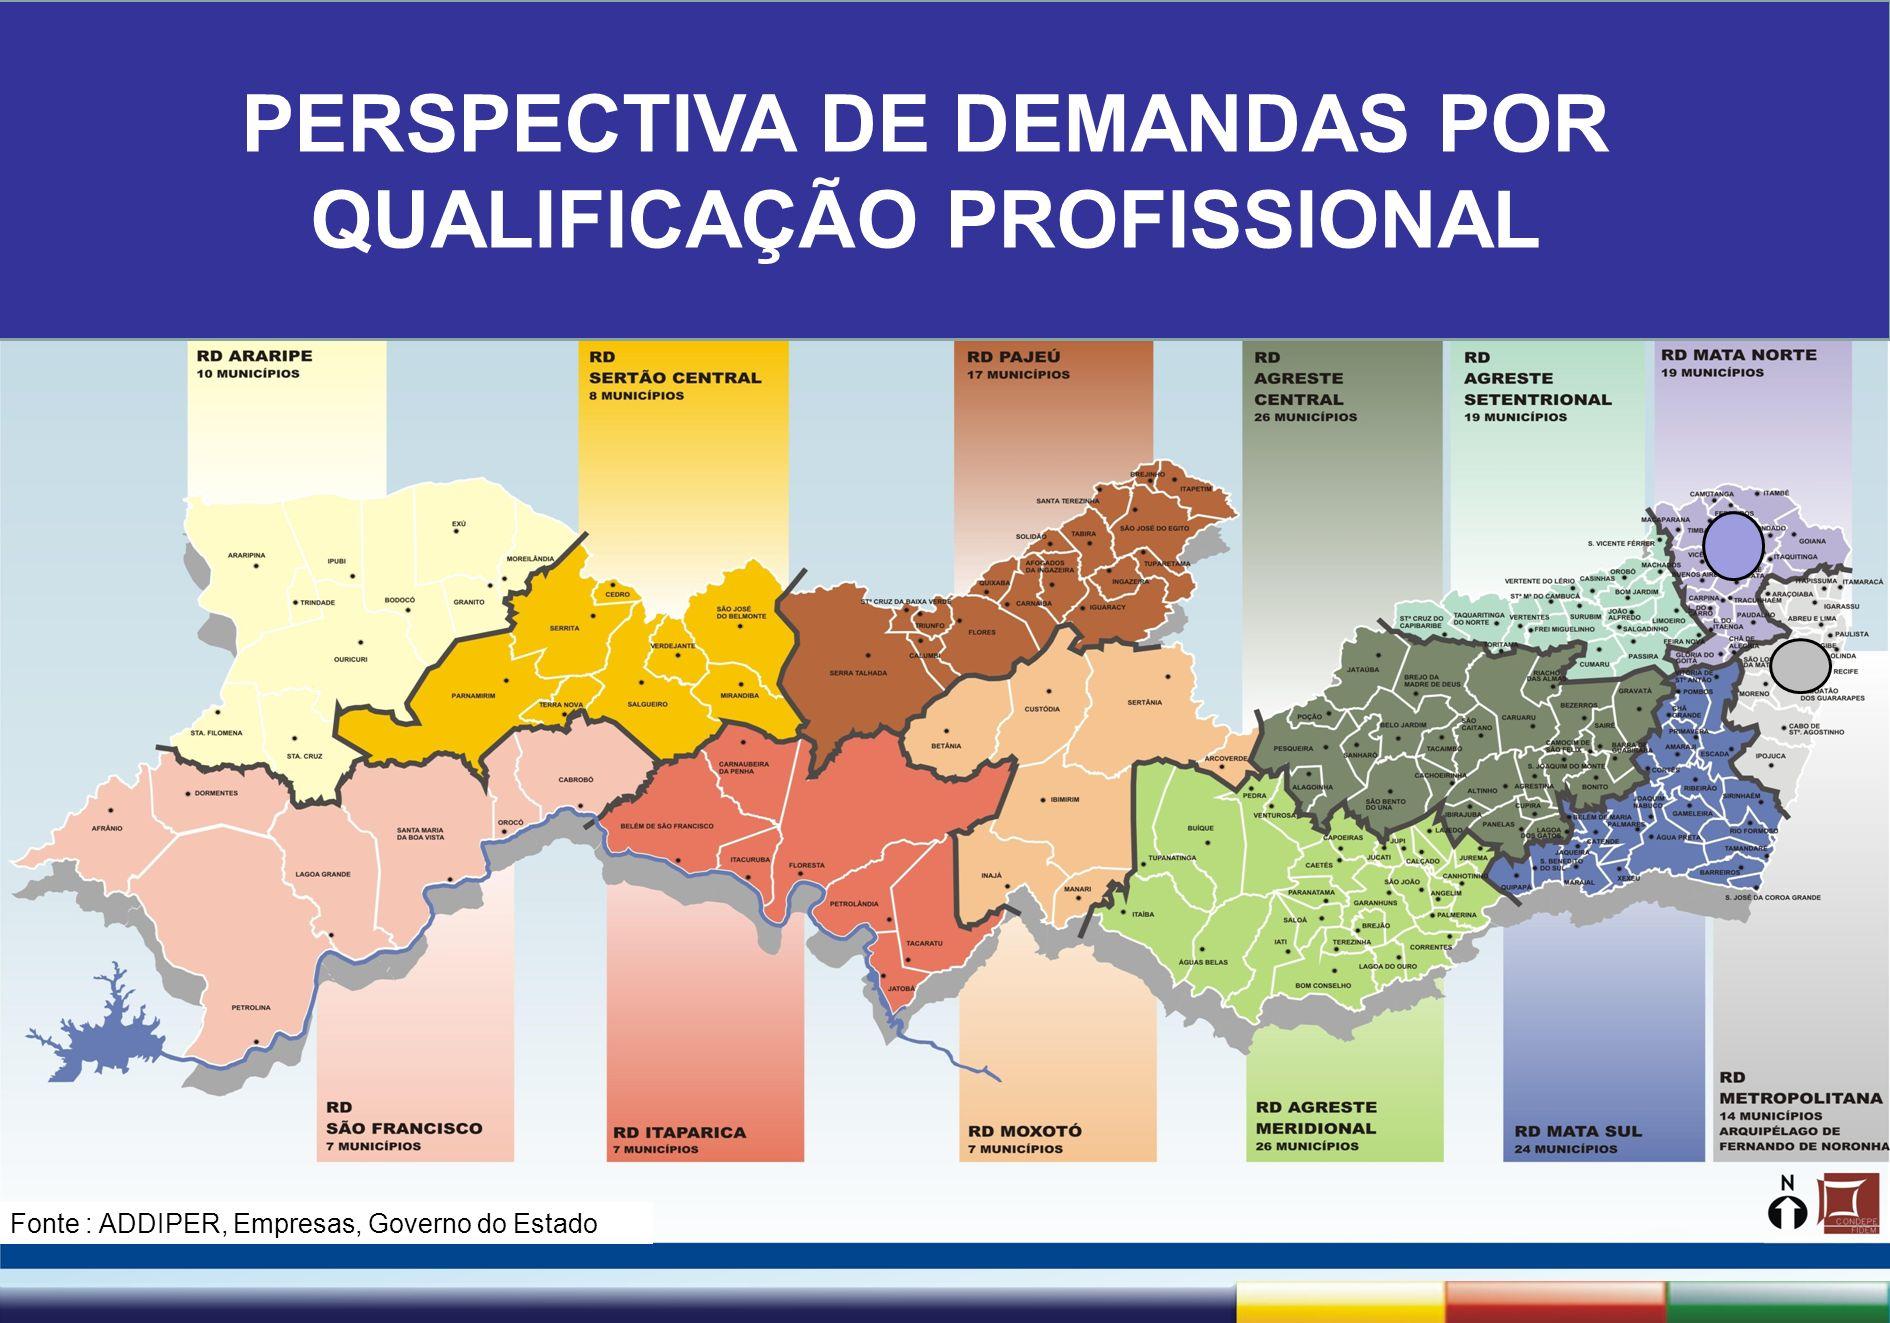 1ª Reunião de Monitoramento 2009 – 31/03/09 Secretaria de Trabalho, Qualificação e Empreendedorismo Emprego Formal (Fonte : Agência CONDEPE / FIDEM) Investimentos em Infraestrutura Investimentos Produtivos